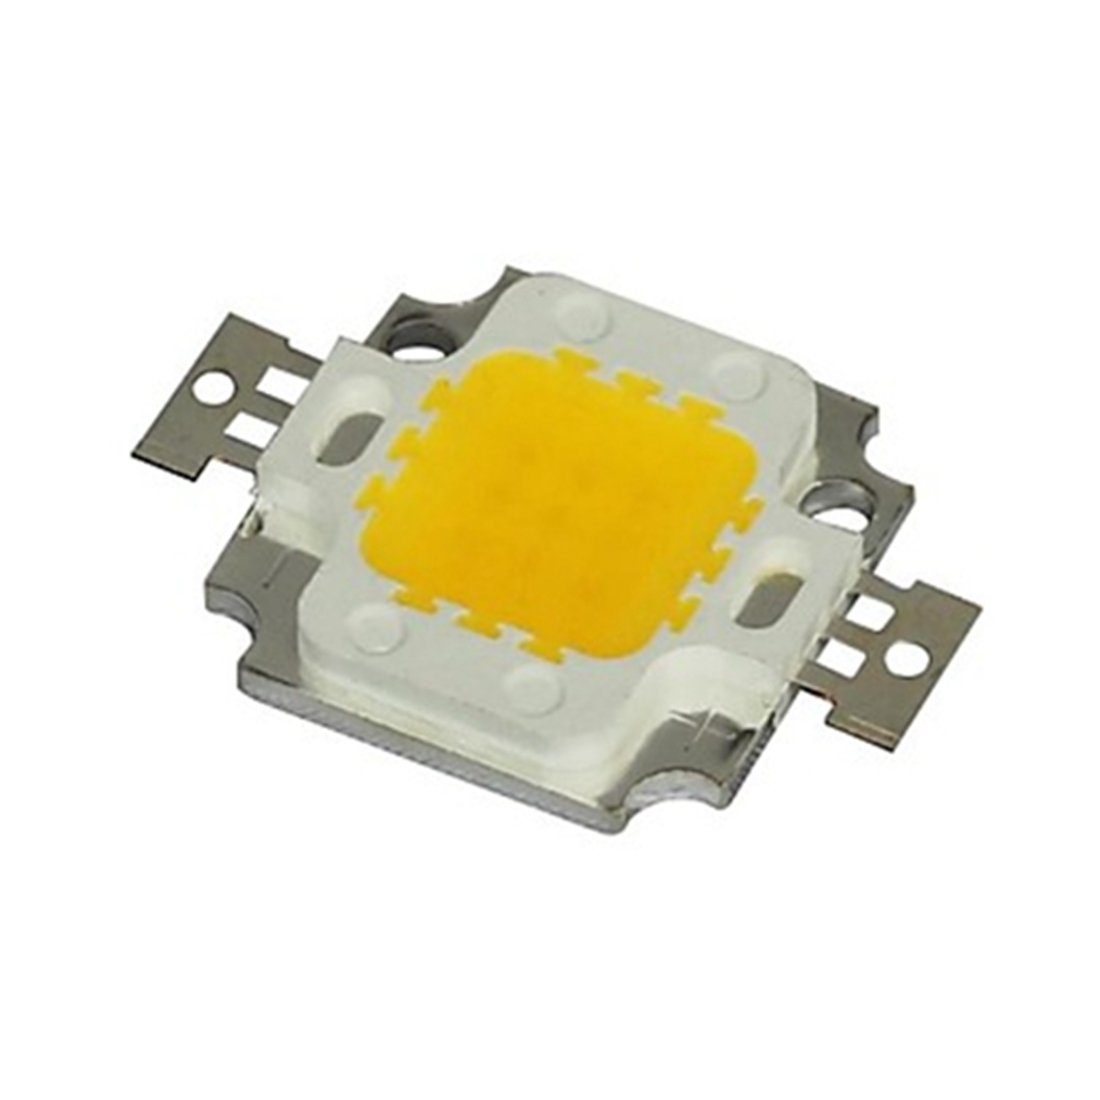 LED Light 10W DC 9-12V LED Beads Chip Warm White//Cool White High Power 800-900LM LED Lamp SMD Chip Light Bulb 900MA Color : Cool White